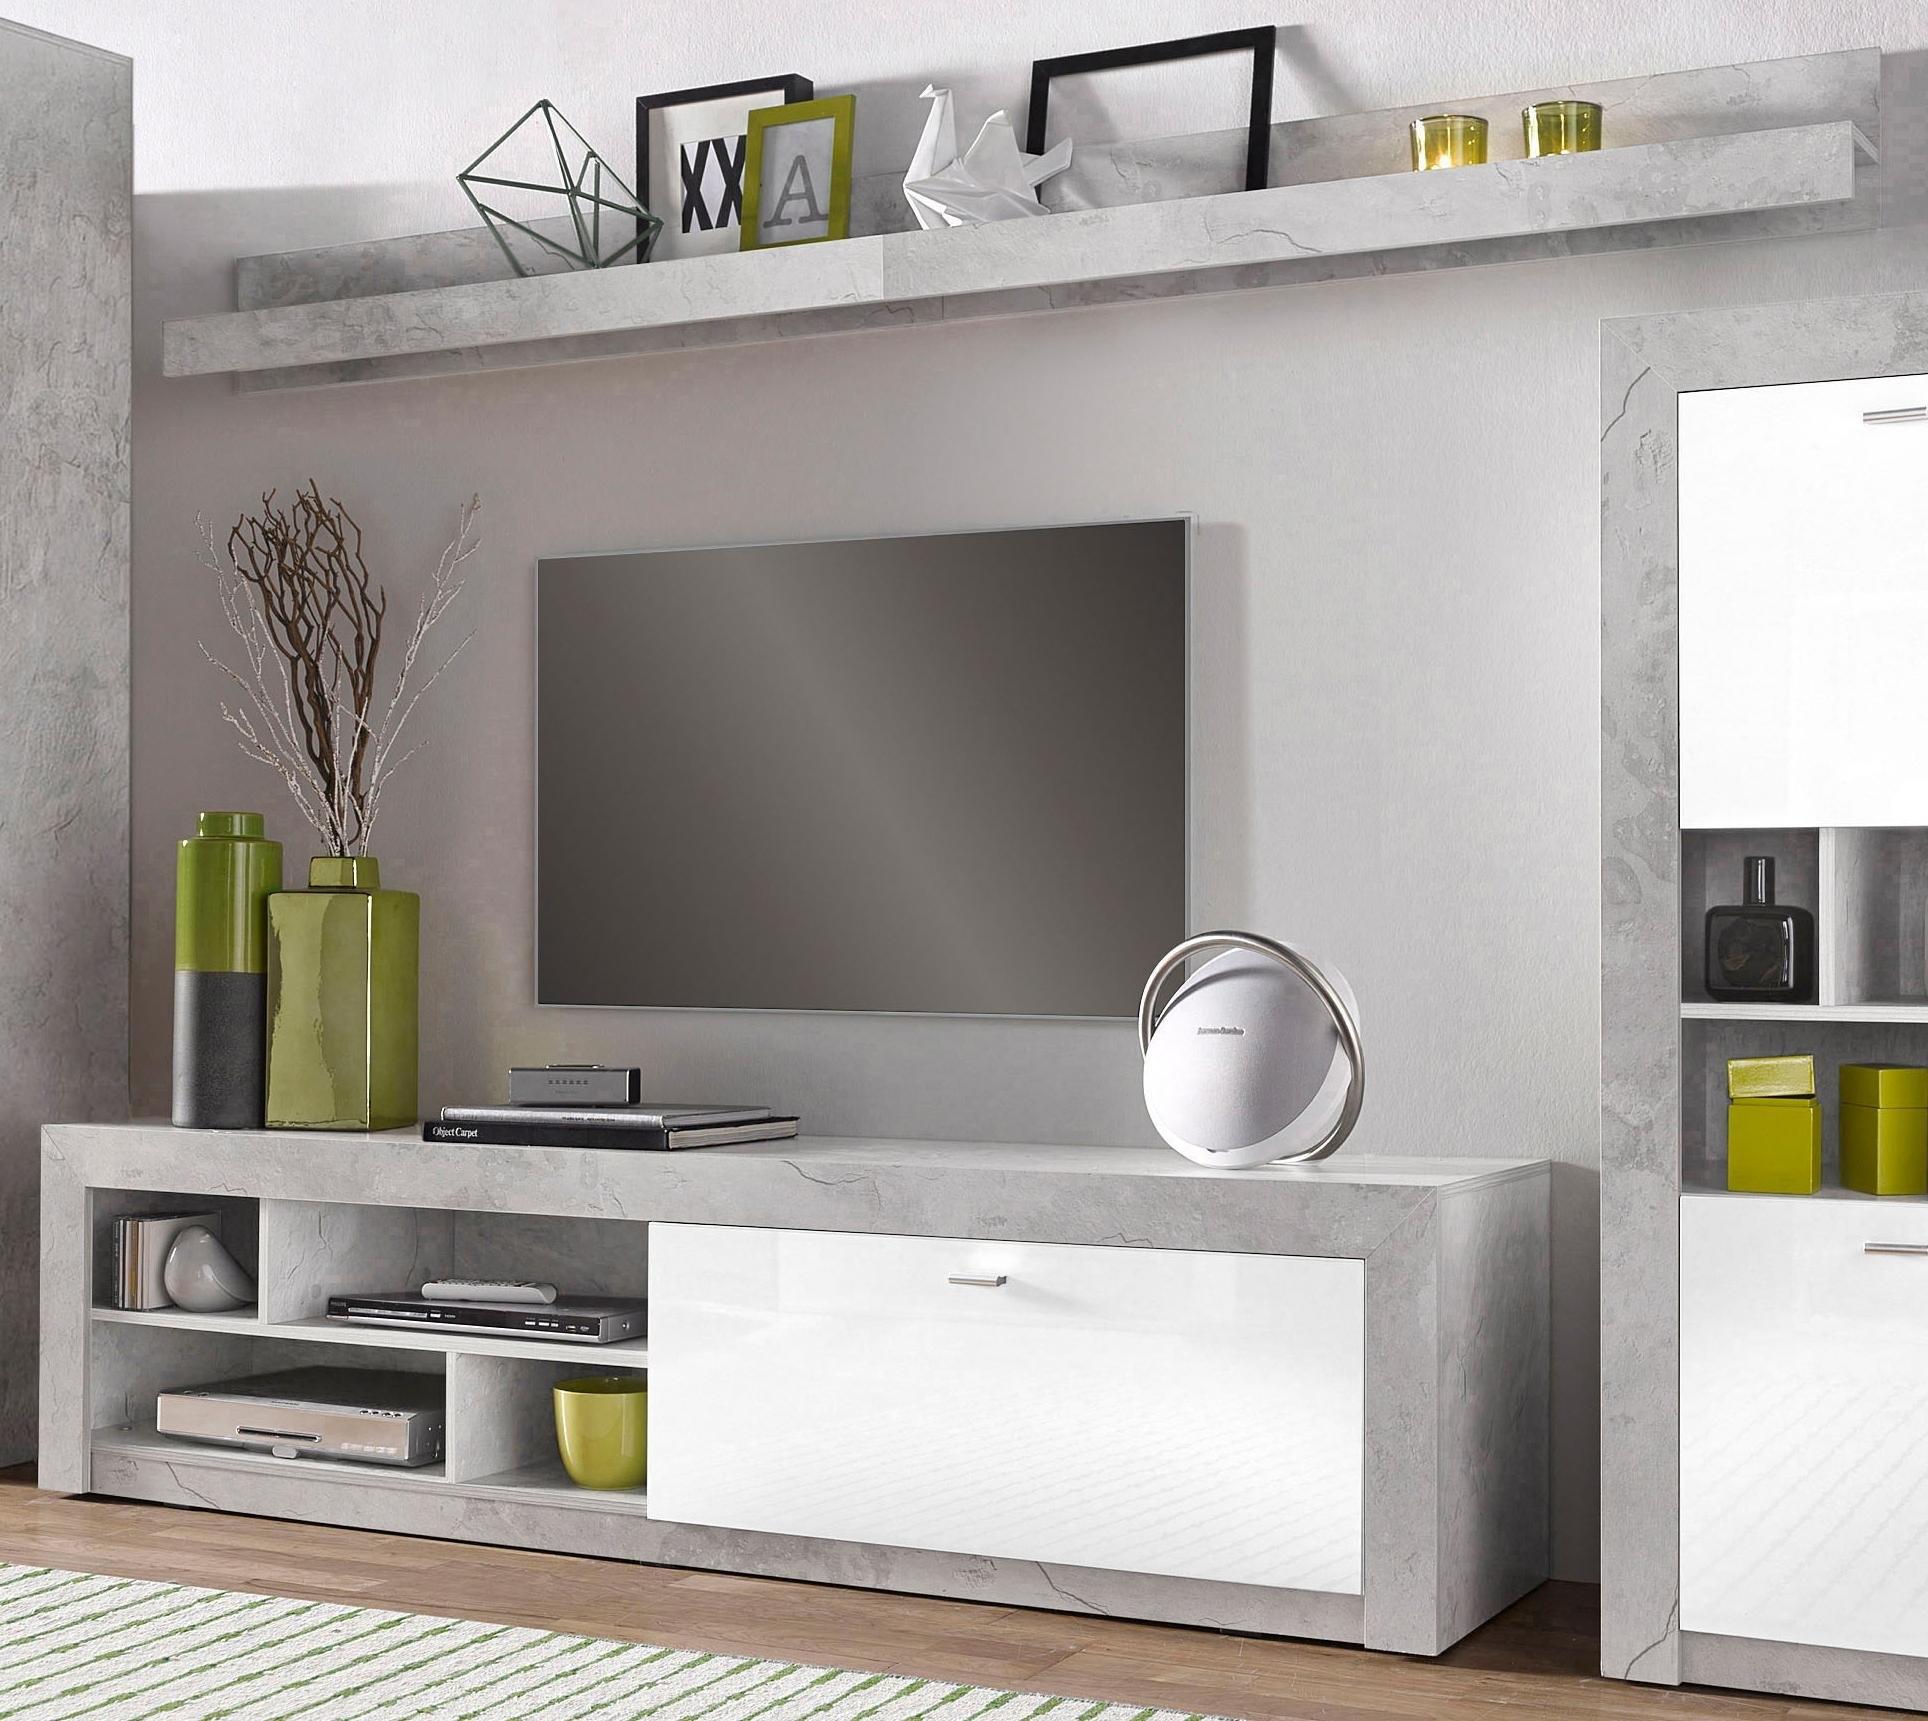 lowboard met wandpaneel breedte 200 cm online verkrijgbaar otto. Black Bedroom Furniture Sets. Home Design Ideas